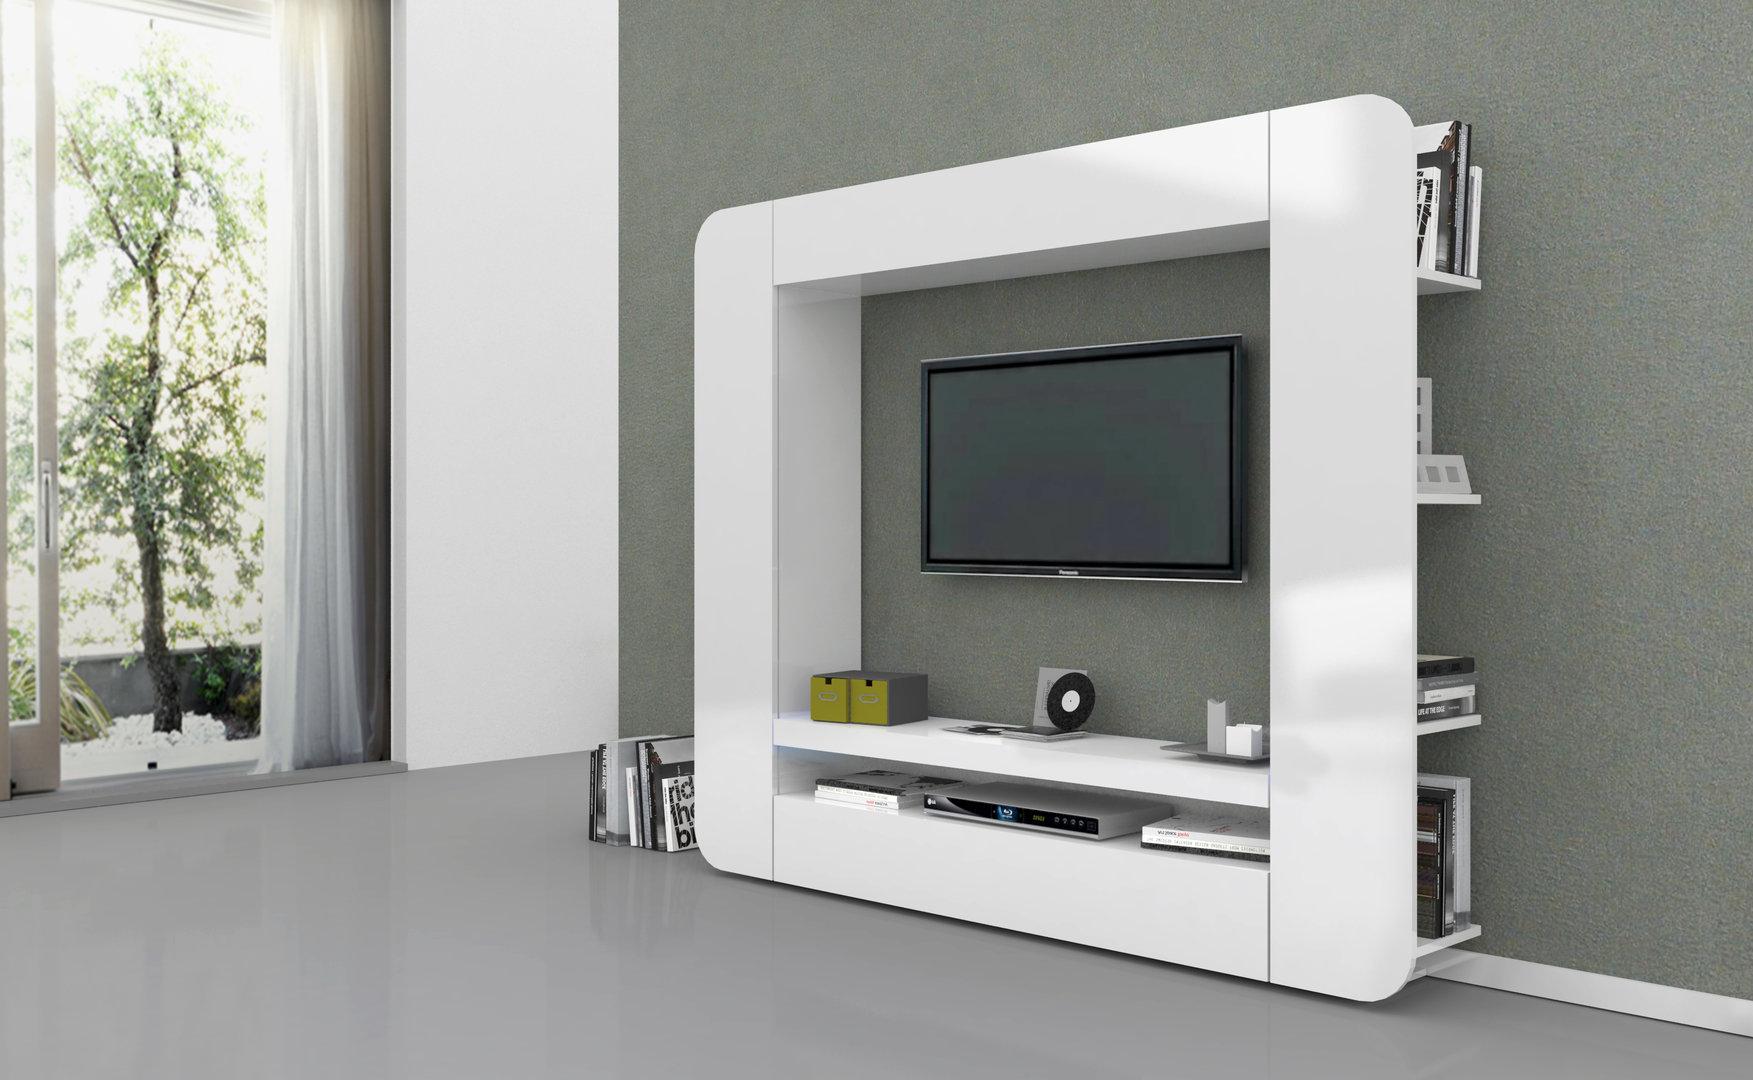 Soggiorno bianco o antracite zurigo mobile porta tv moderno - Mobile soggiorno moderno ...